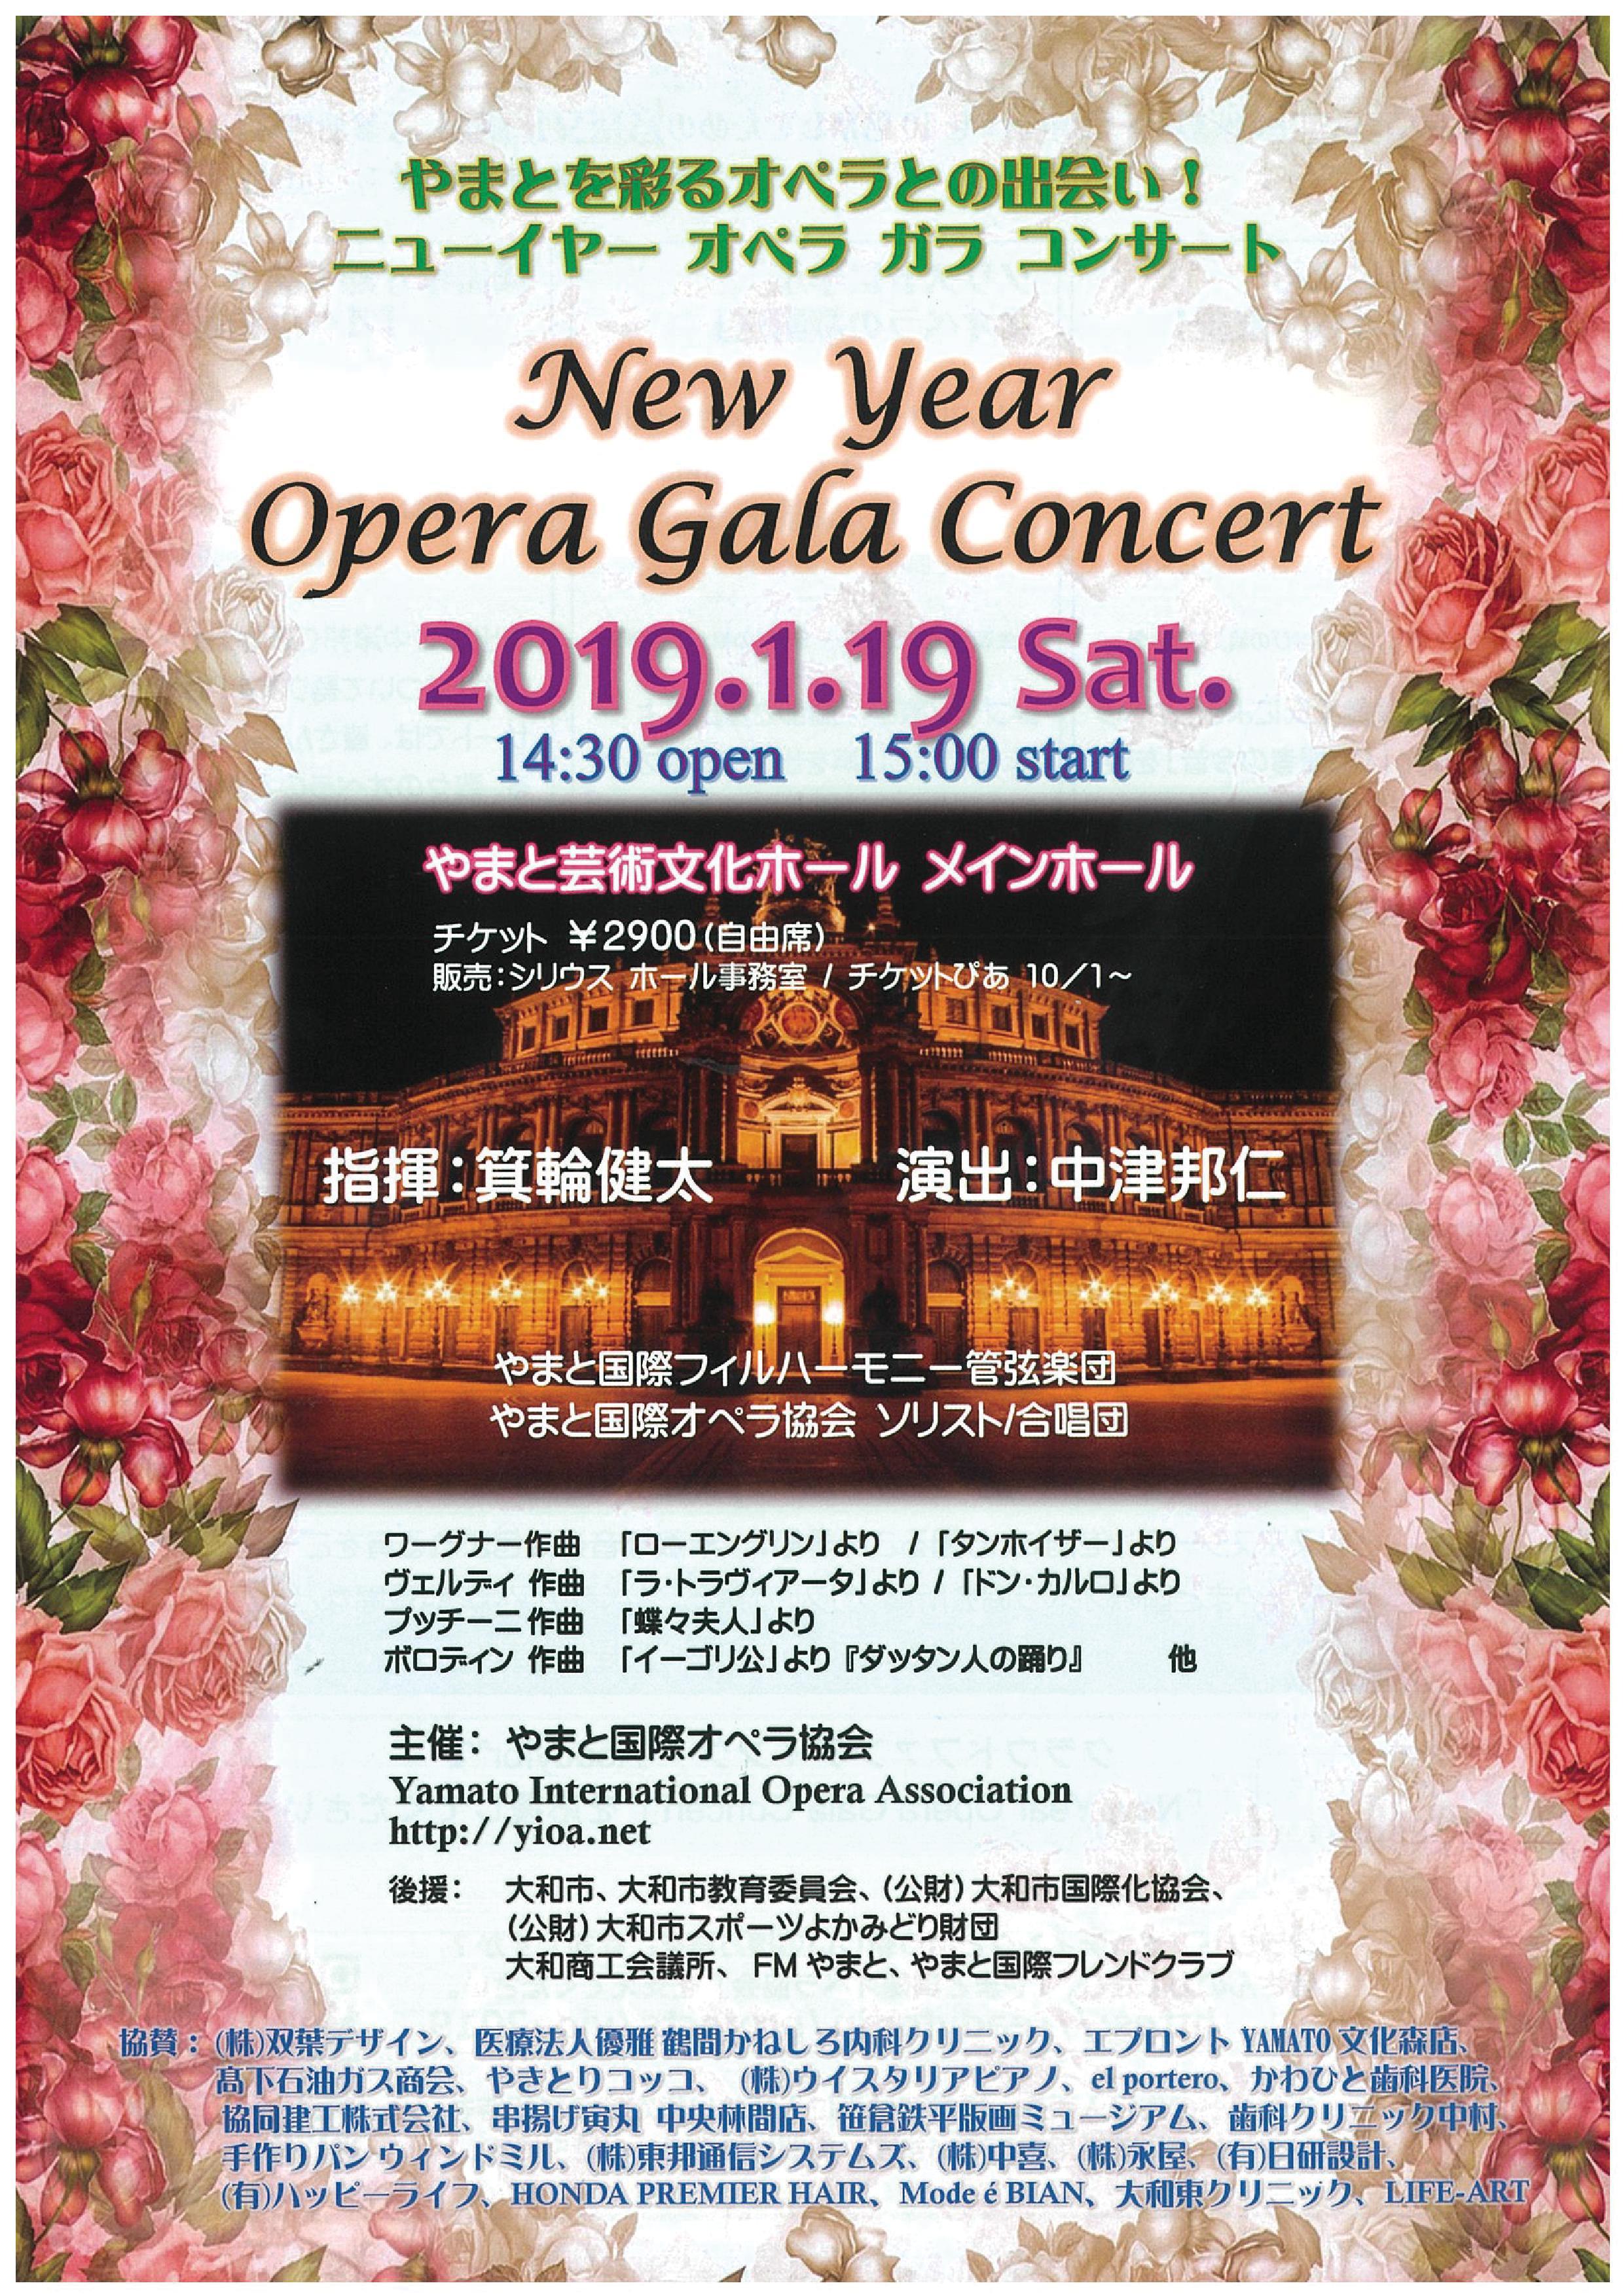 やまと国際オペラ協会「ニューイヤーオペラガラコンサート」